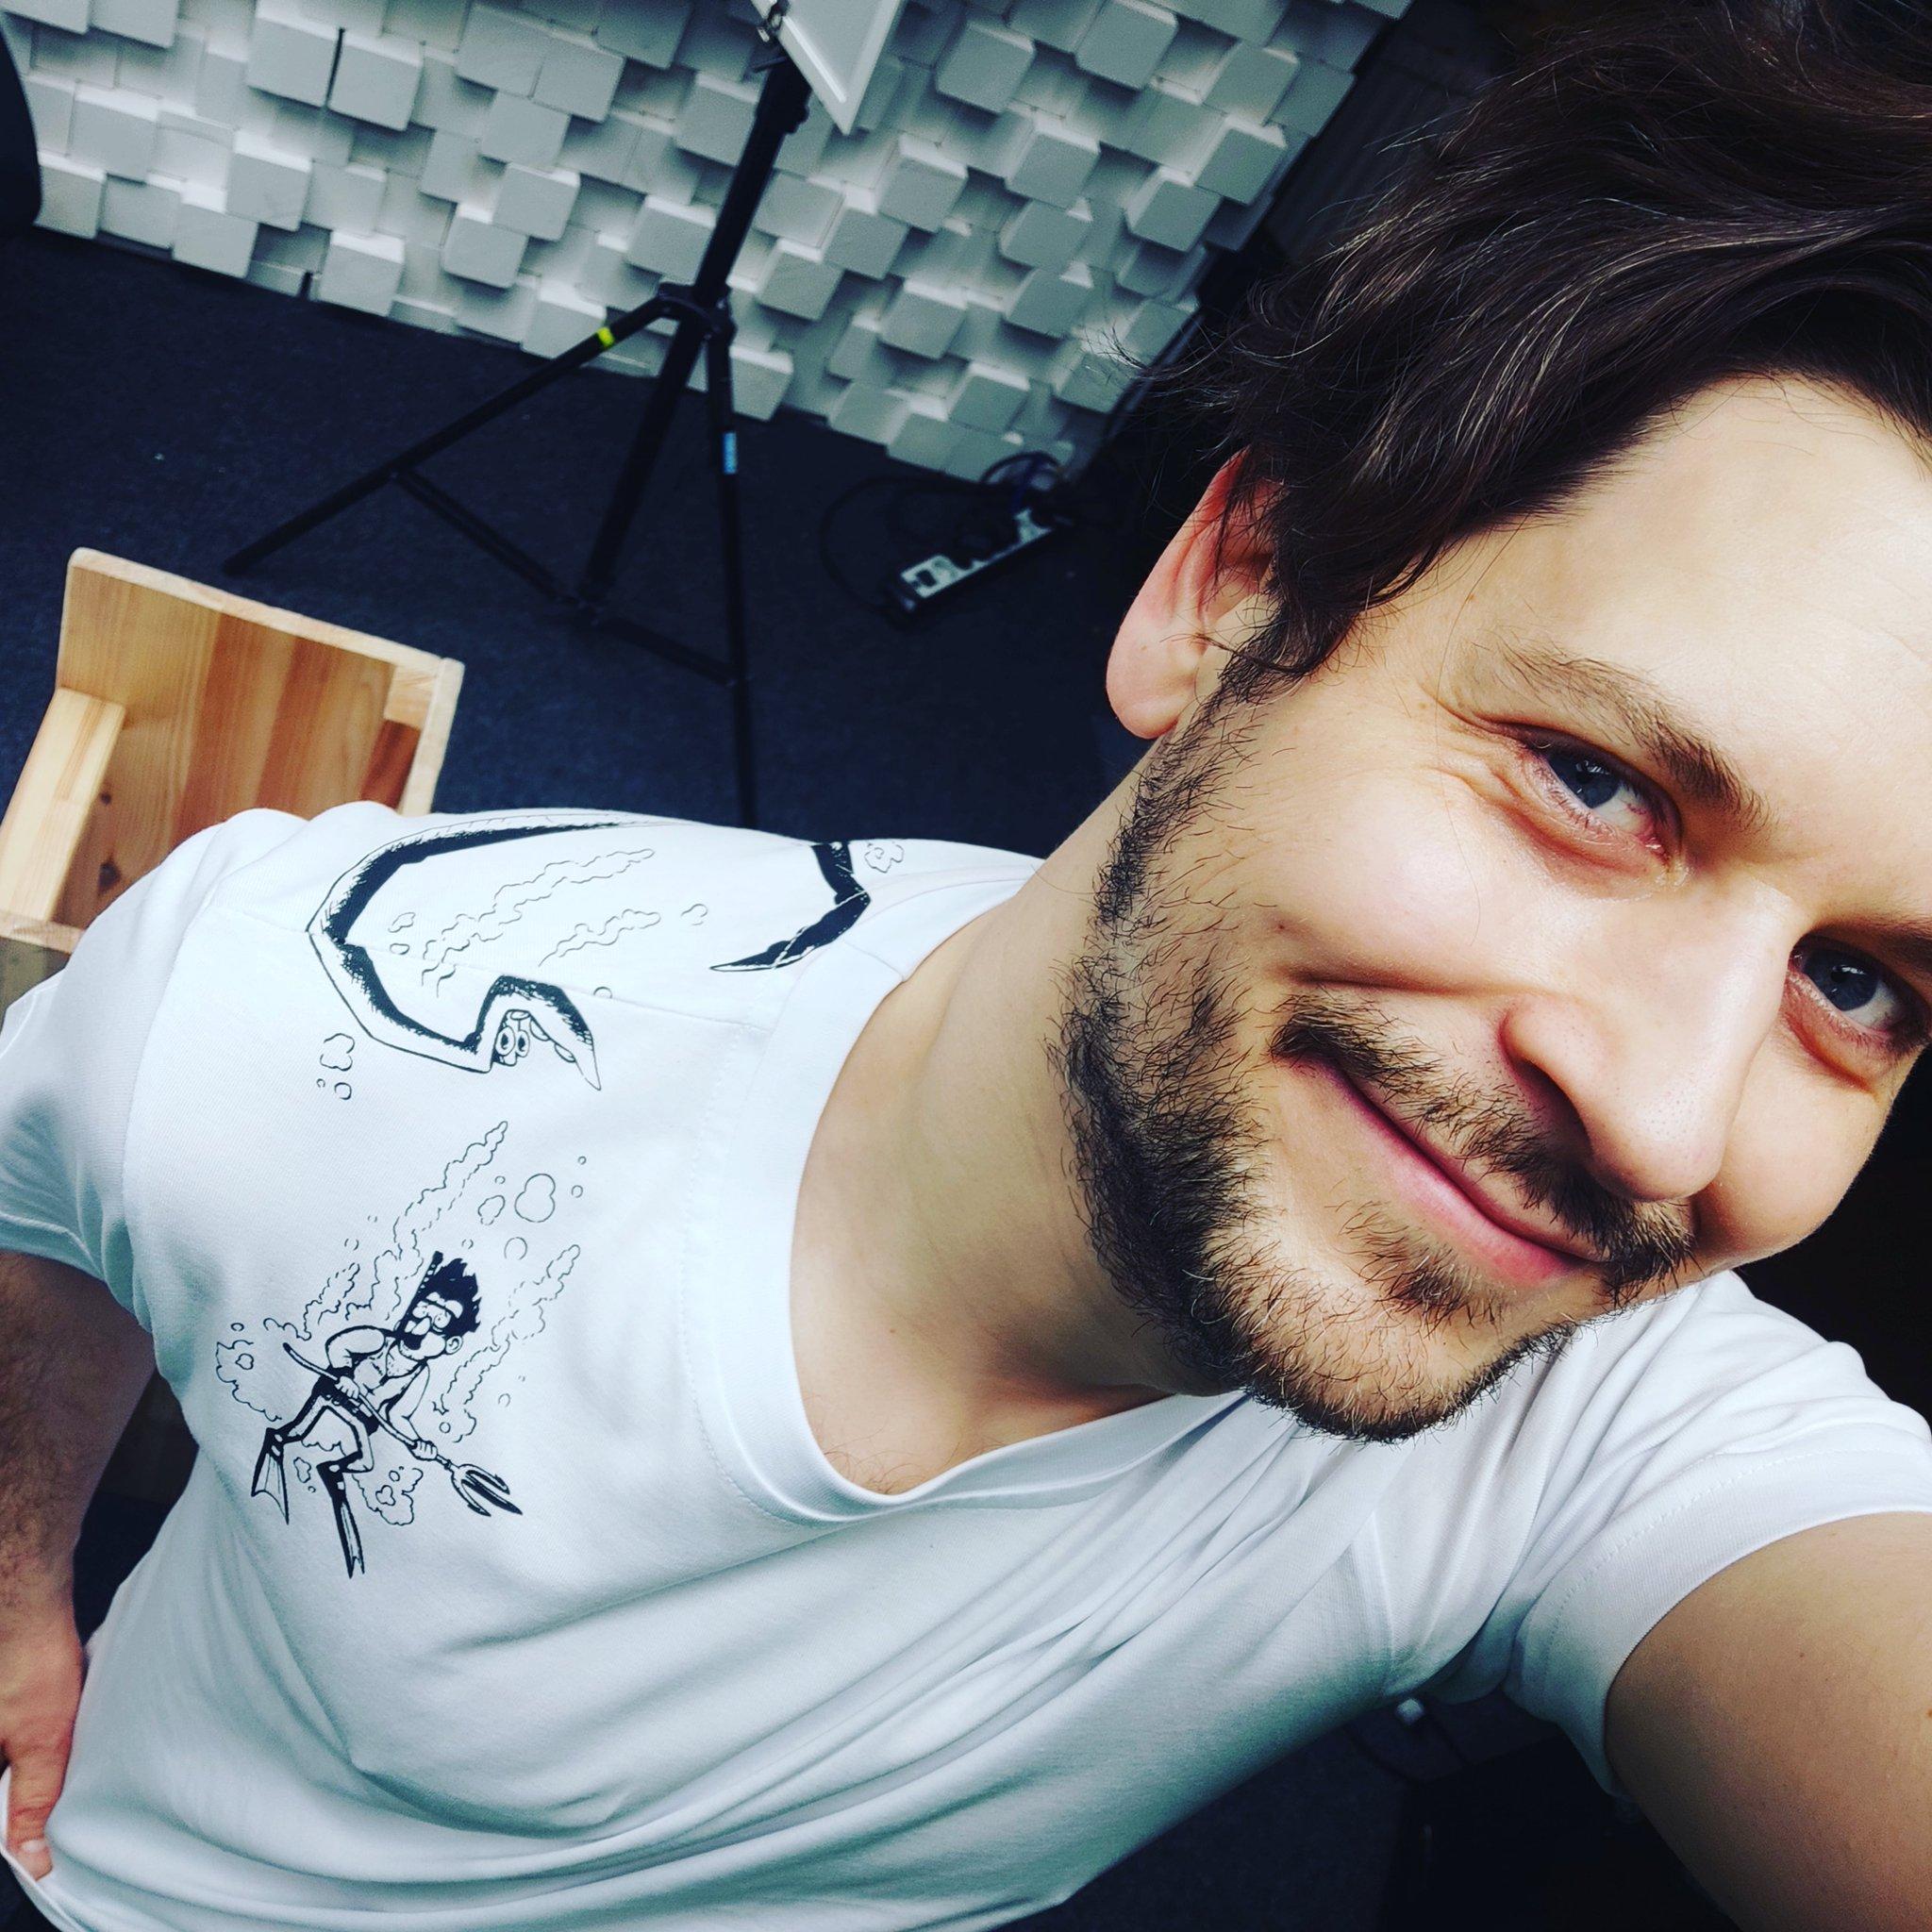 Haare simon krätschmer Simon Krätschmer